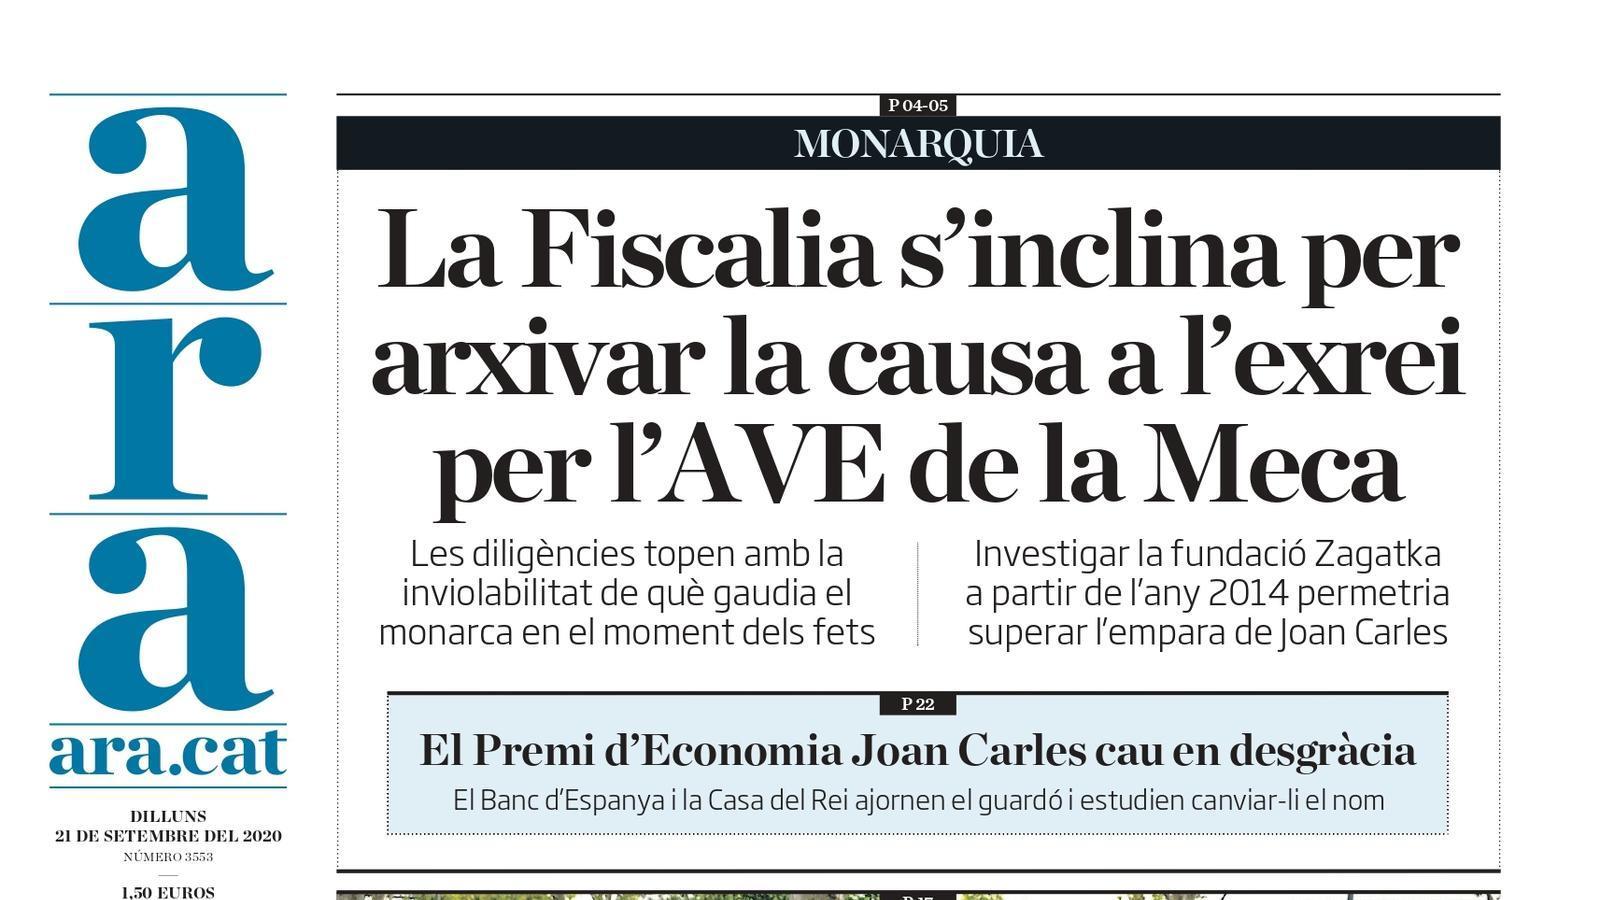 """""""La Fiscalia s'inclina per arxivar la causa a l'exrei per l'AVE de la Meca"""", portada de l'ARA"""